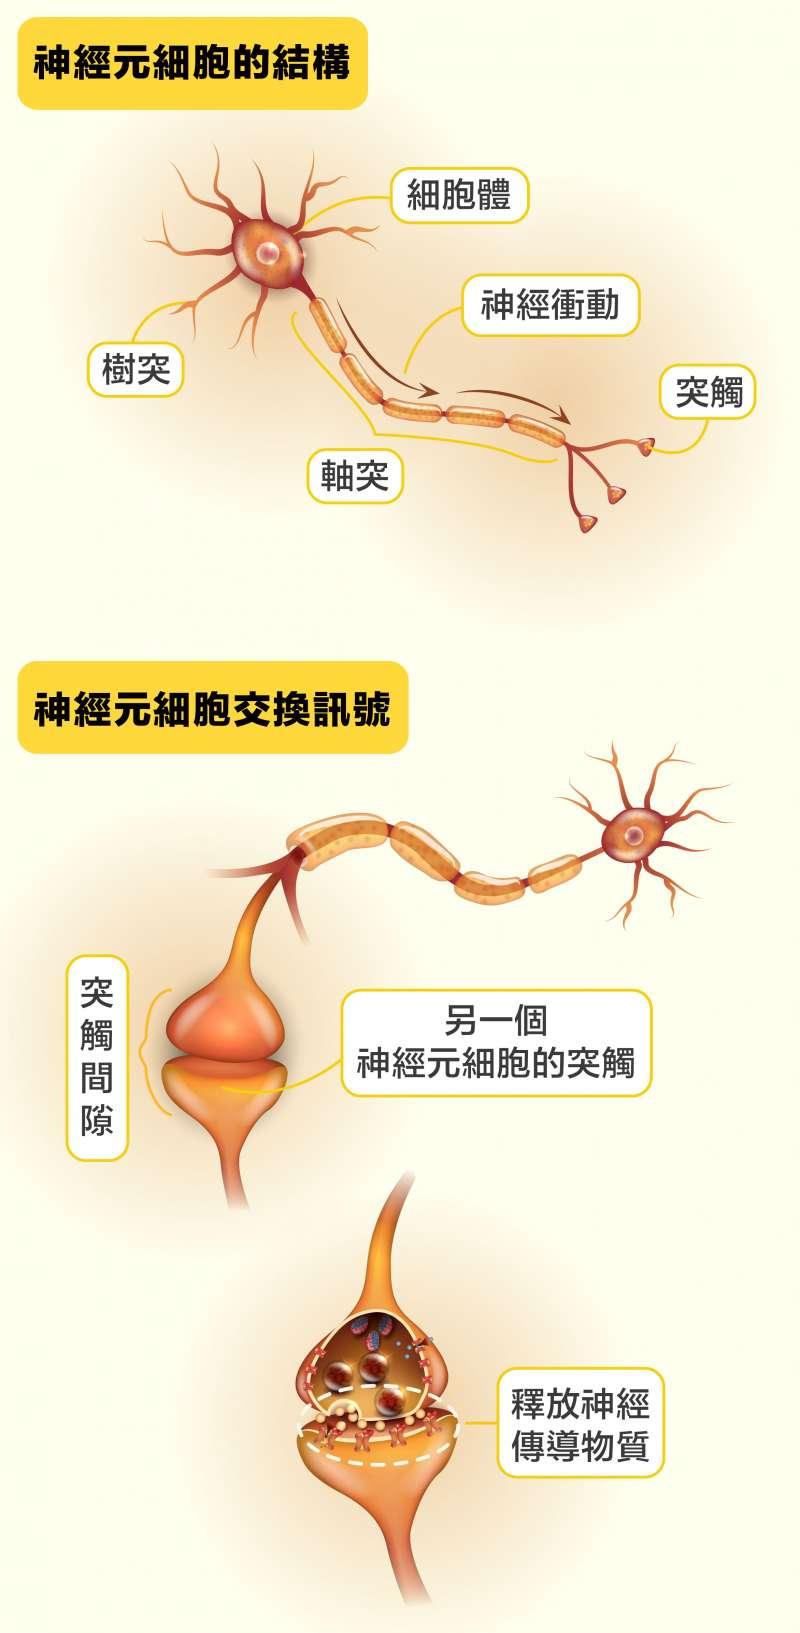 第一個神經元細胞將神經衝動傳到軸突末端的突觸,然後釋放神經傳導物質到下一個神經元細胞的樹突突觸,藉此將神經衝動傳給下一個神經元,就這樣把訊息接力傳到目的地。(圖說設計/黃曉君、林洵安)